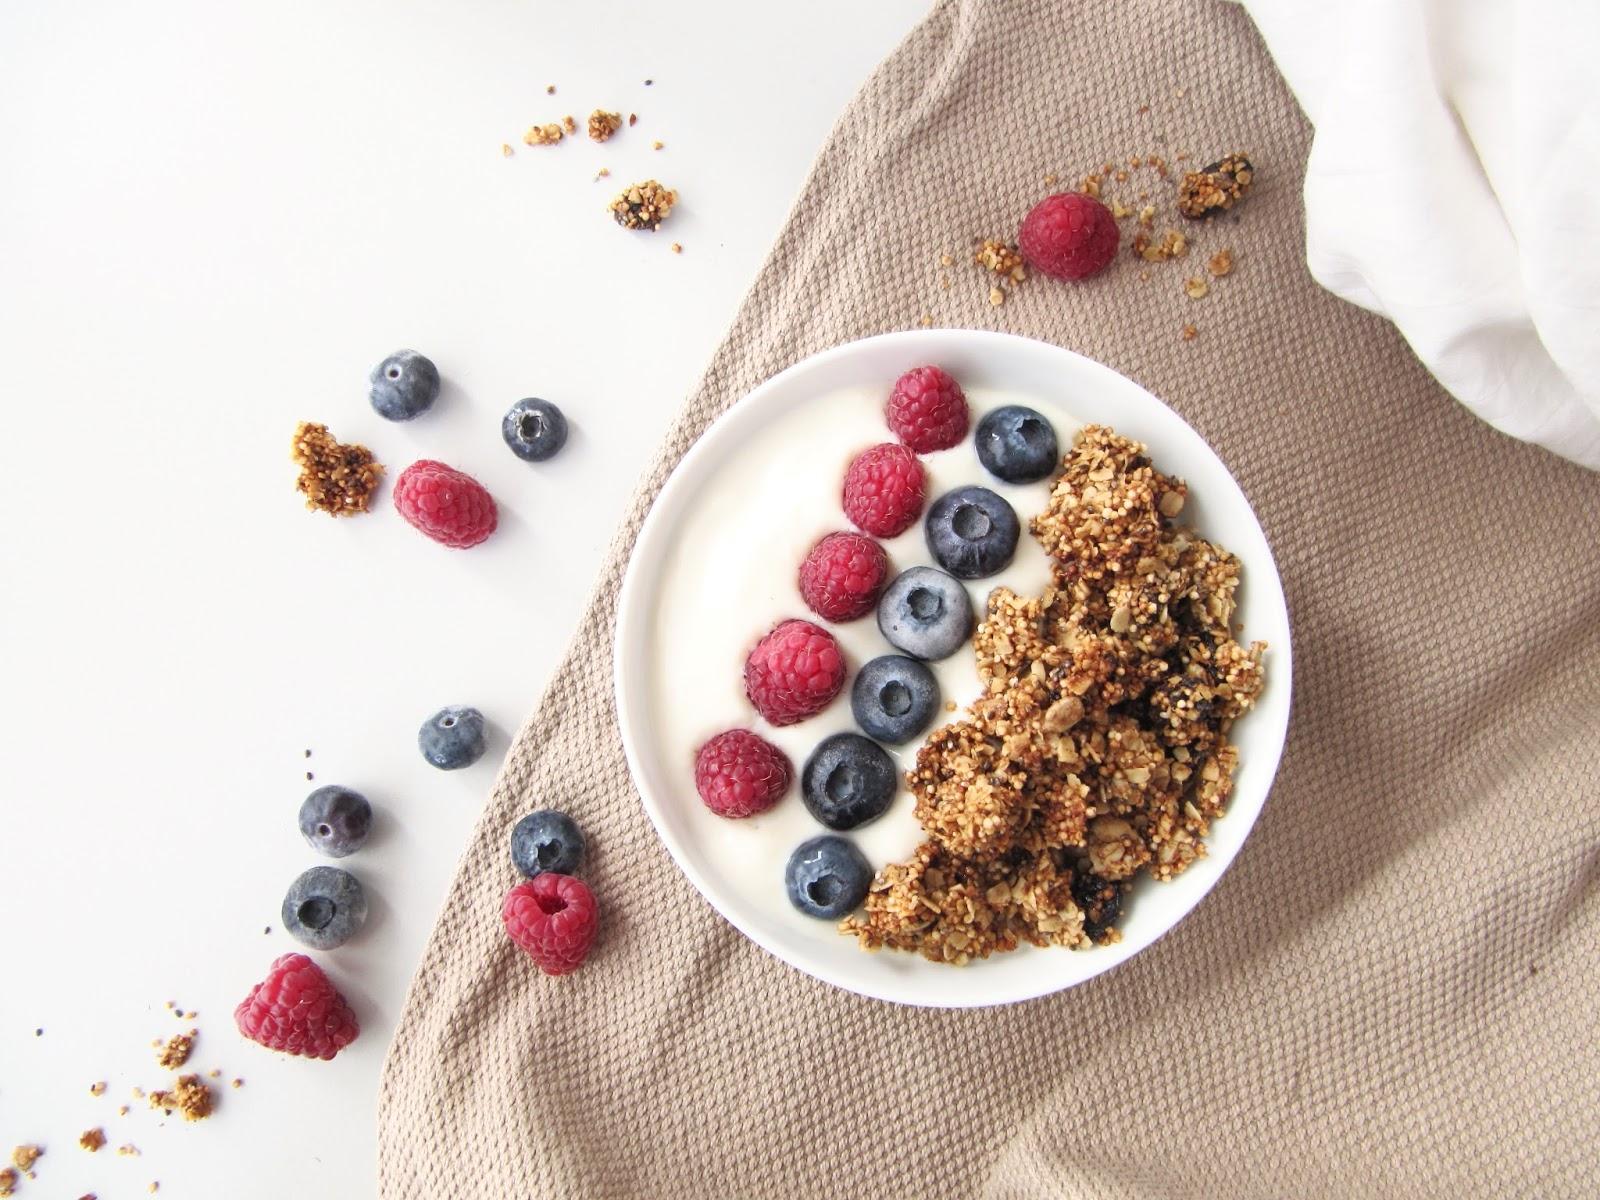 """Als Frühstücksidee: Ein selbstgemachtes DIY Granola mit Nüssen, Joghurt und Obst. Das DIY mit Step- by- Step Anleitung findest du hier. Eine Idee zum Frühstücken: DIY Granola (selbstgemacht) Dieser Beitrag ist Teil der Reihe """"Frühstücksideen""""."""